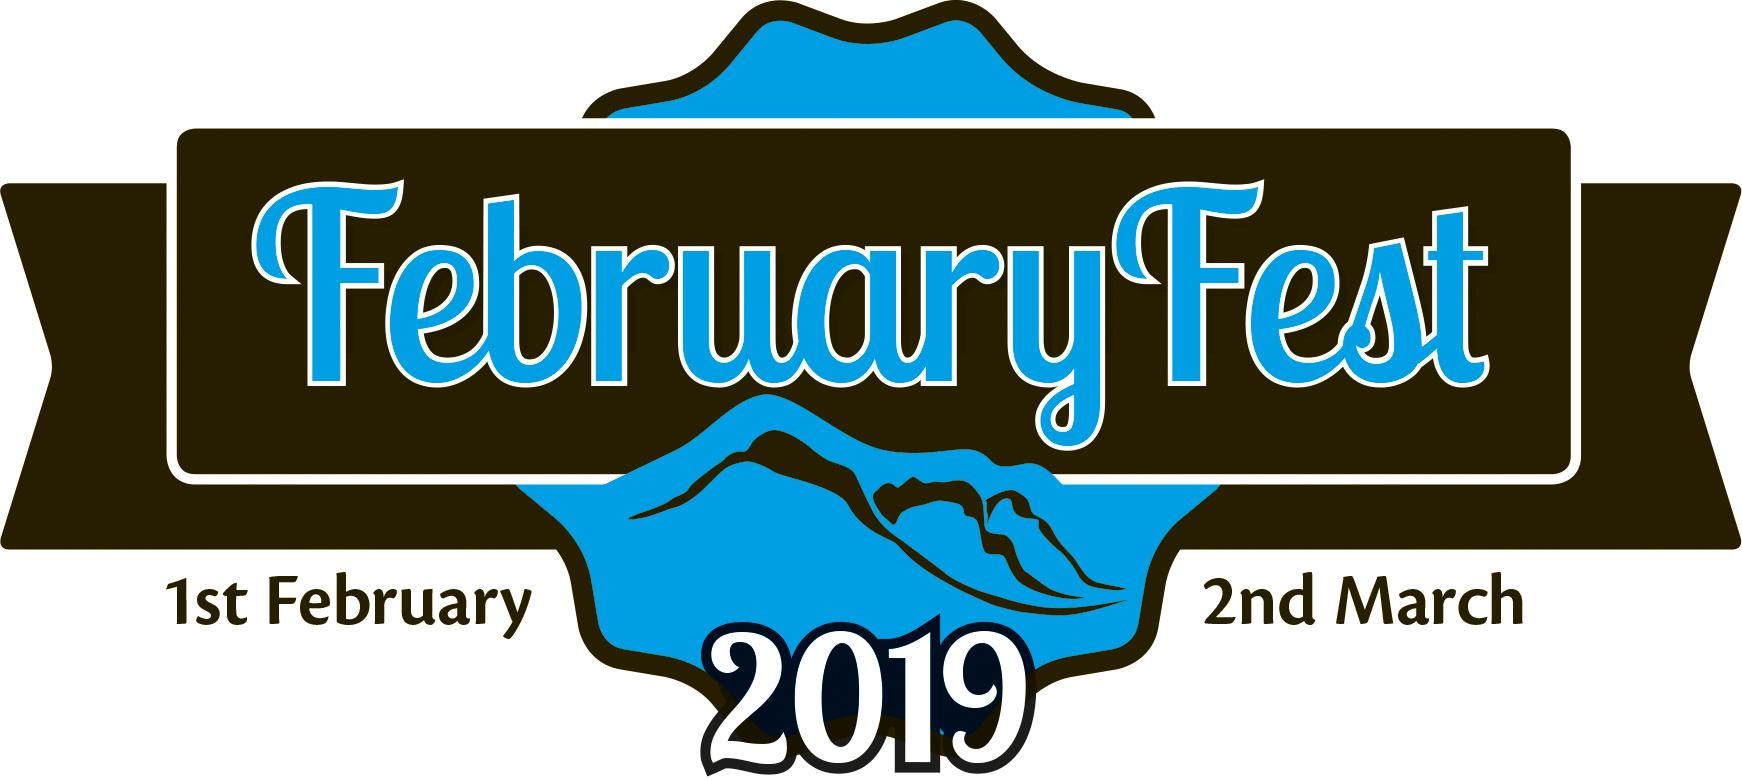 februaryFest 2019